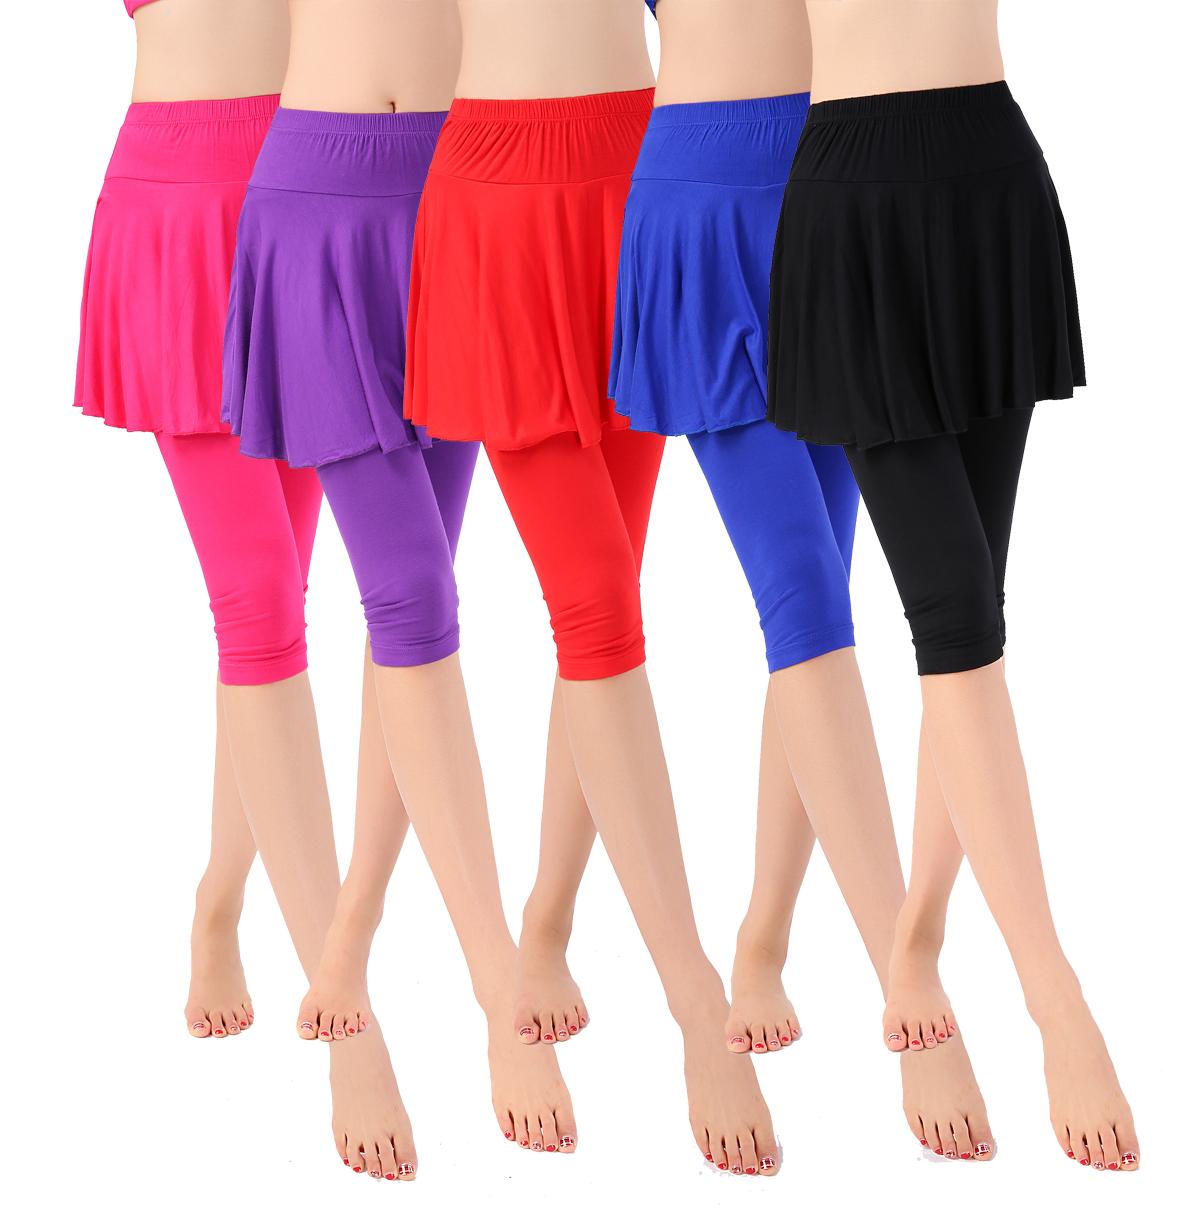 包邮春夏莫代尔广场舞服装七分裙裤运动新款练习练功健身舞蹈裙裤